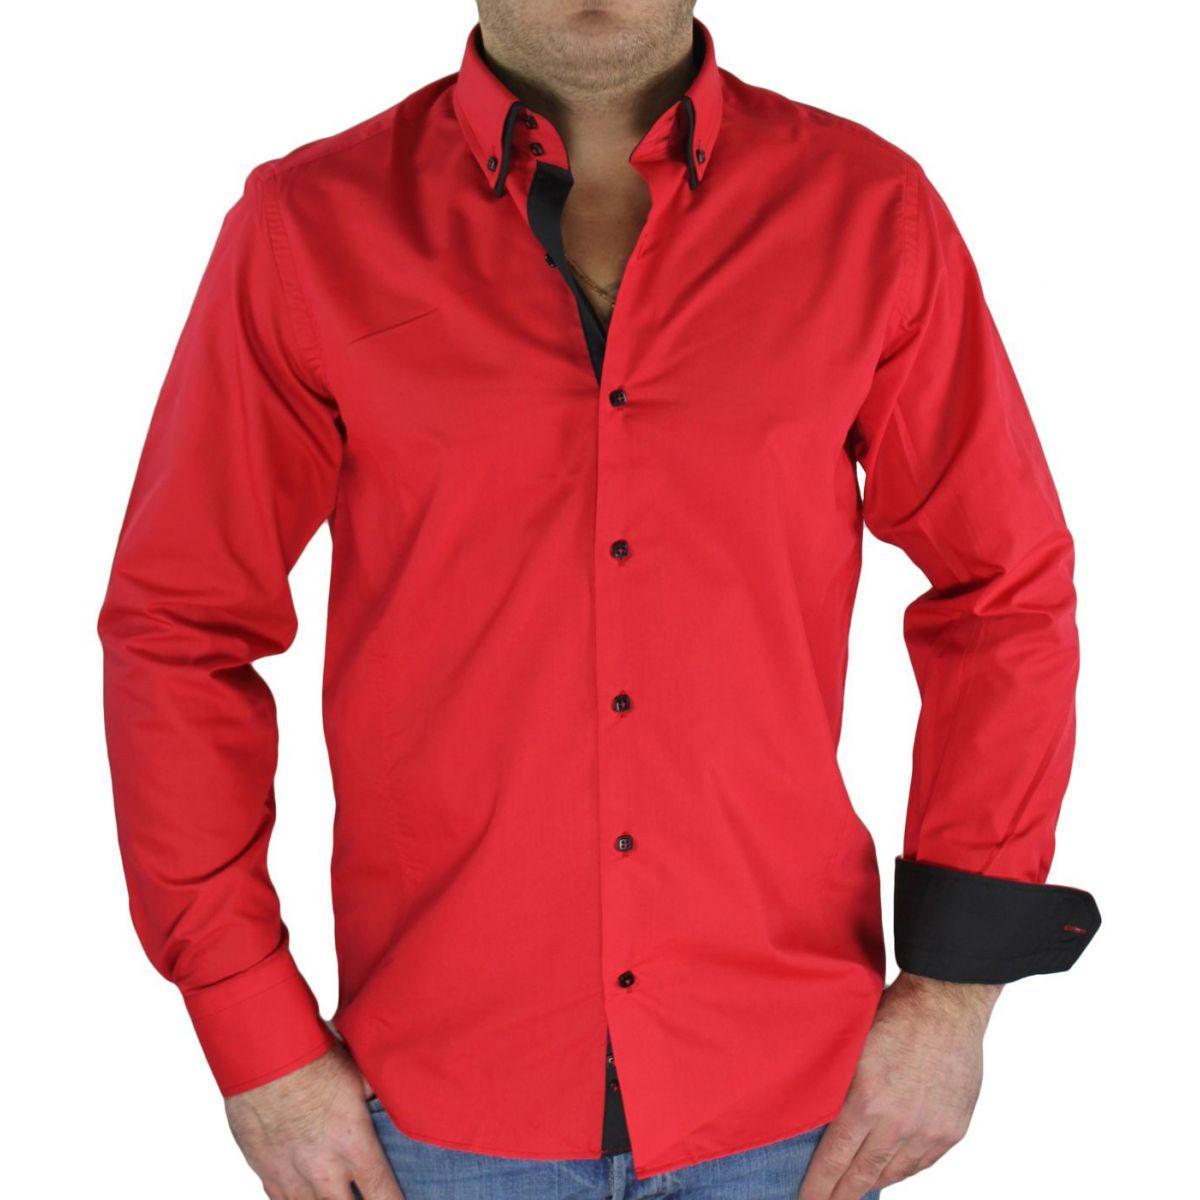 Chemise rouge noir - Chemise rouge et noir homme ...